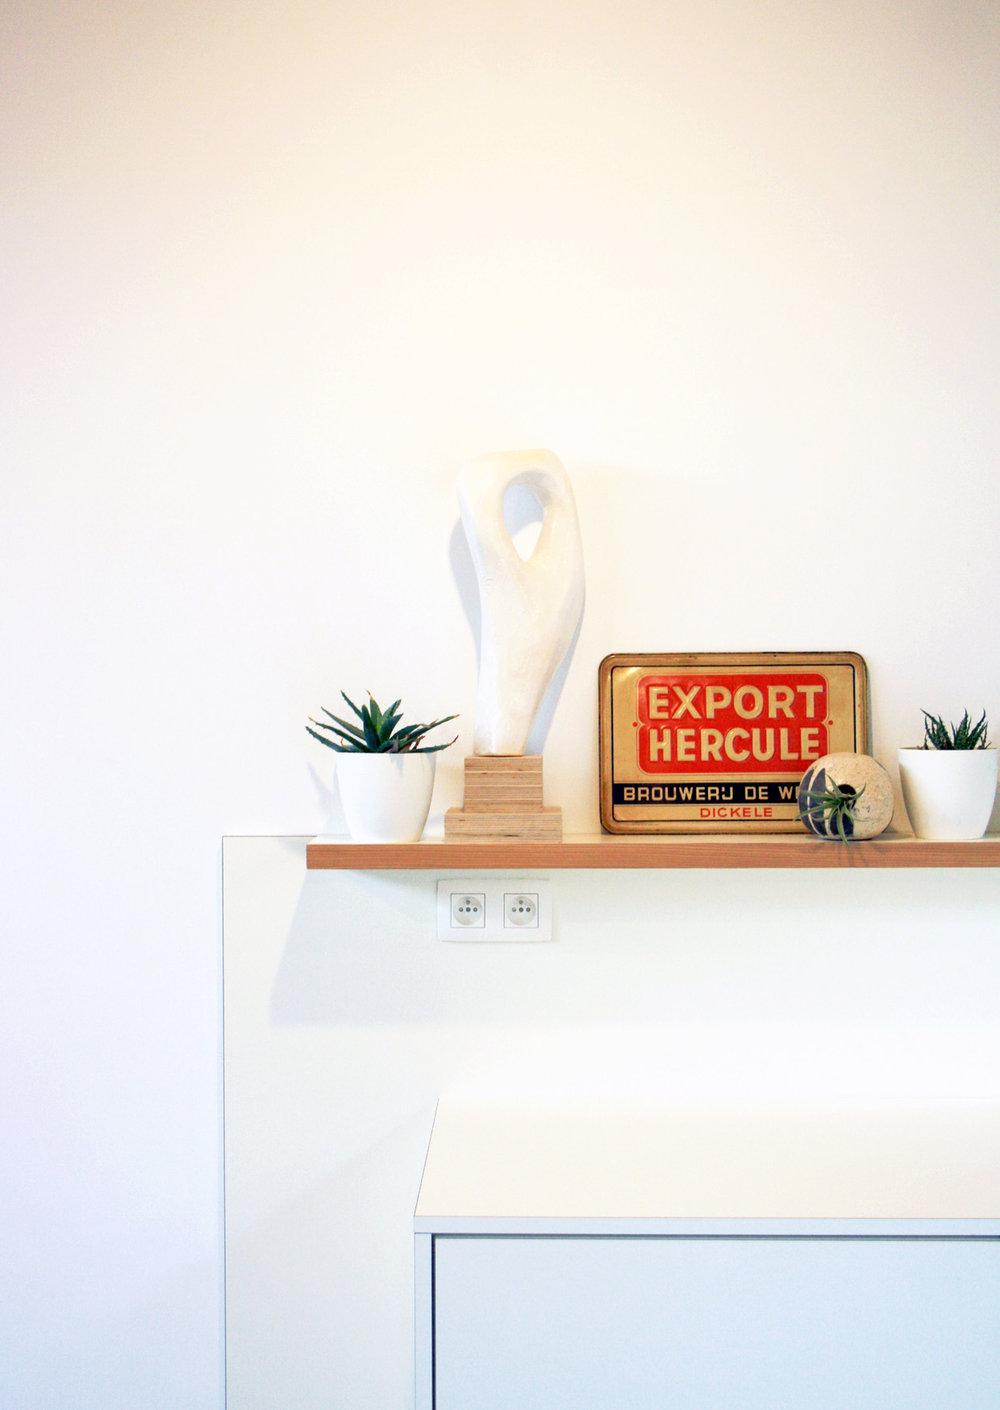 interieur plant wit Hercule keuken kast Studio ARBOR.jpg